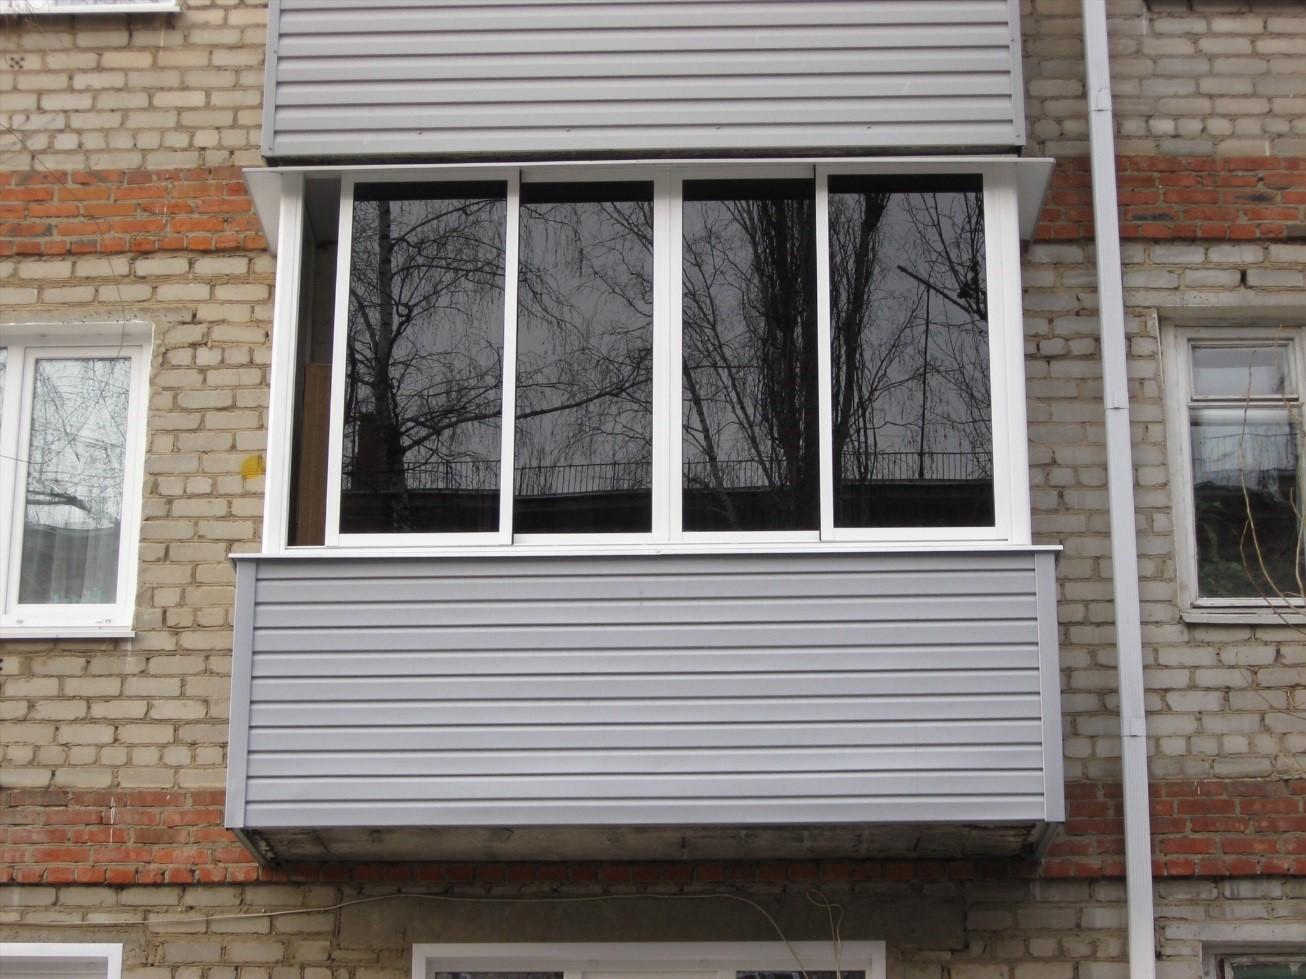 Зеркальная тонировка окон балкона: типы тонированных стекол, лучшая защита